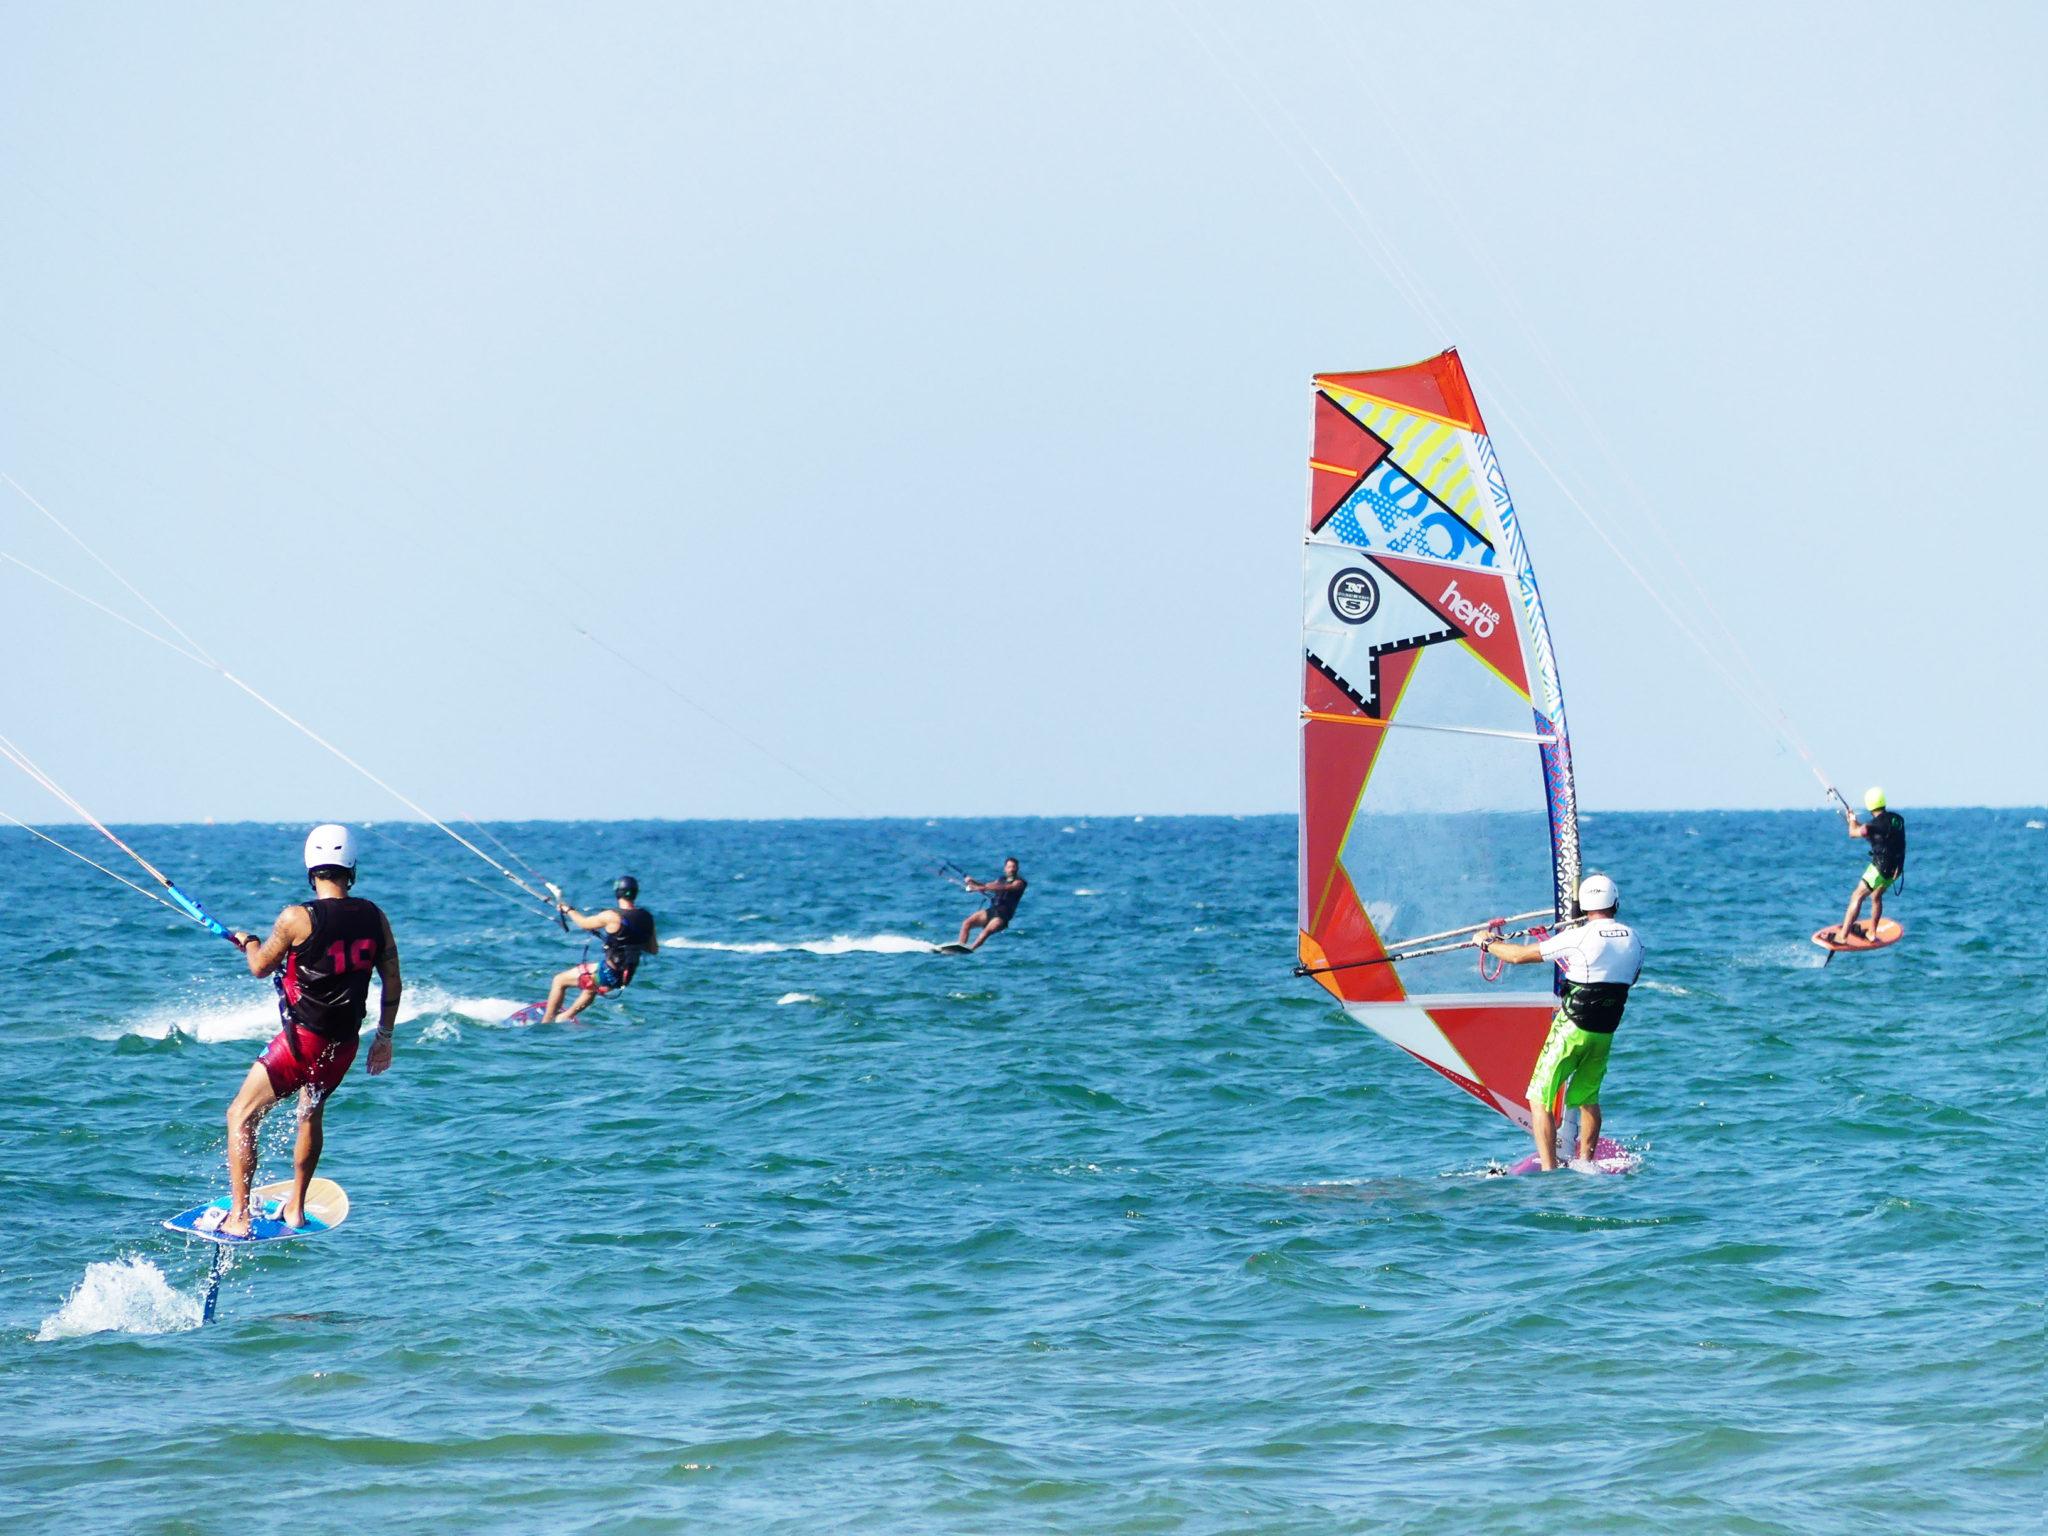 Aquiloni come vele per surf alternativi, running in una foresta e salti aerobici. Tre consigli per chi a Riccione ha voglia di mare ma anche di sport